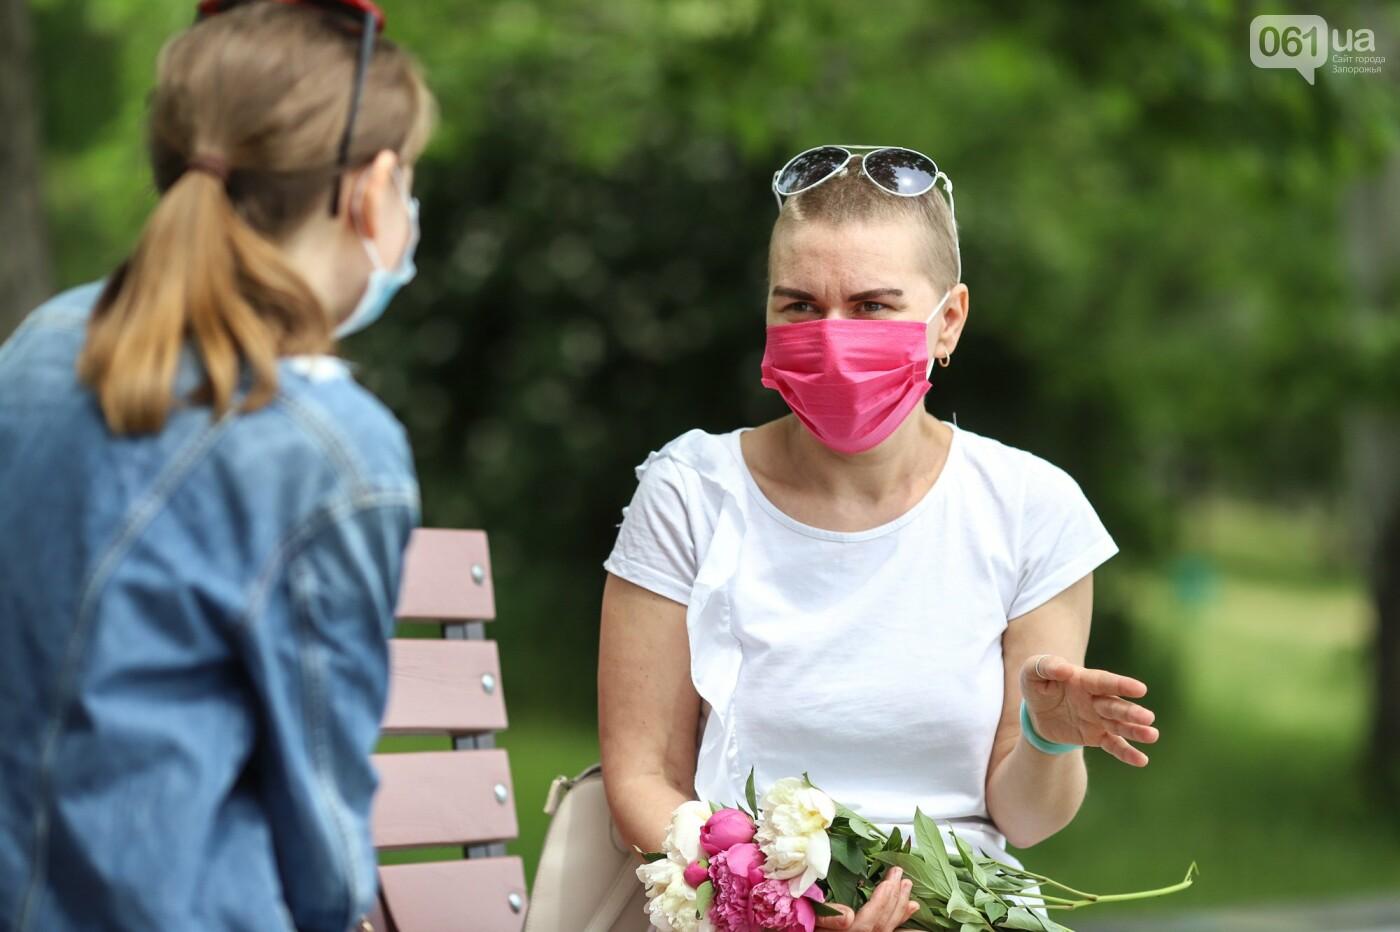 img0436 60bb4589d4e20 - «Страшно йти до лікаря і почути такий діагноз, але ще страшніше померти в 33 роки»: запоріжанка Юлія Новицька про боротьбу з раком